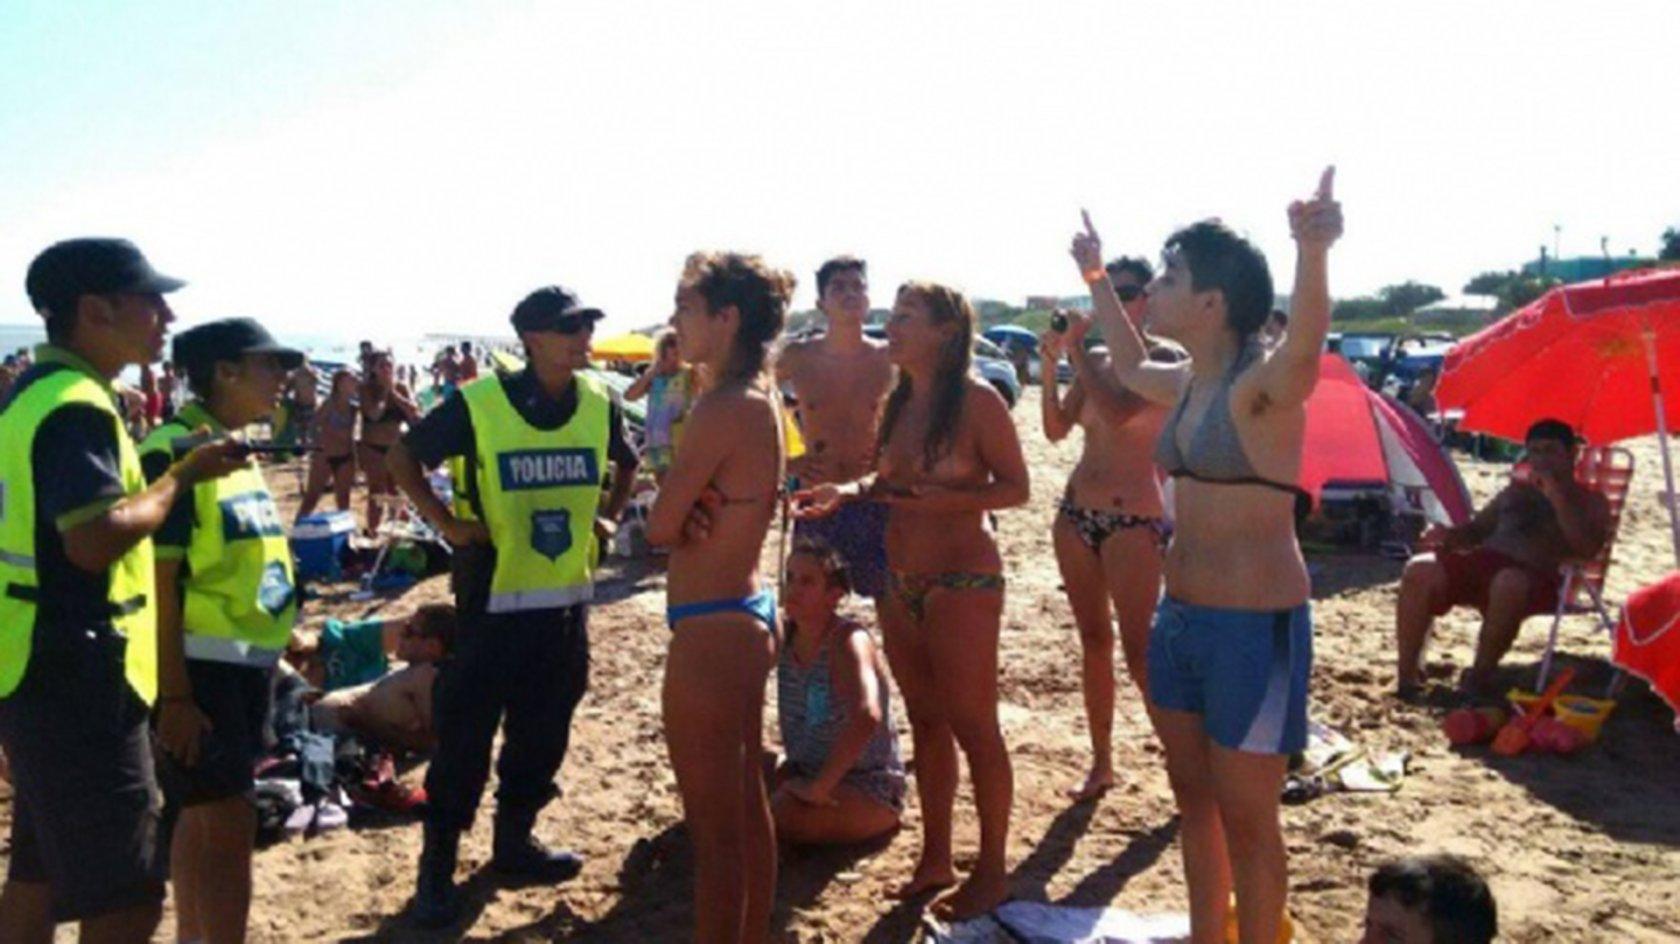 Фото президент-женщина аргентины фото голая показать член